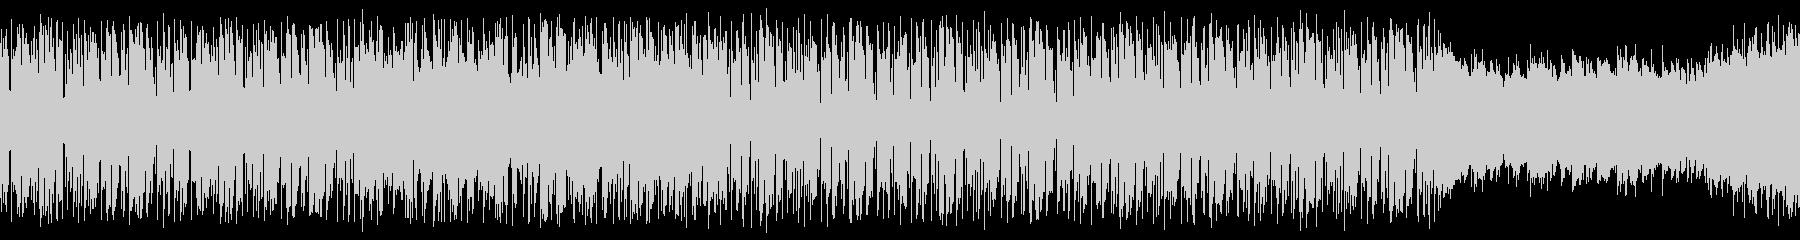 【ループ用】お洒落で怪しいゲームBGMの未再生の波形